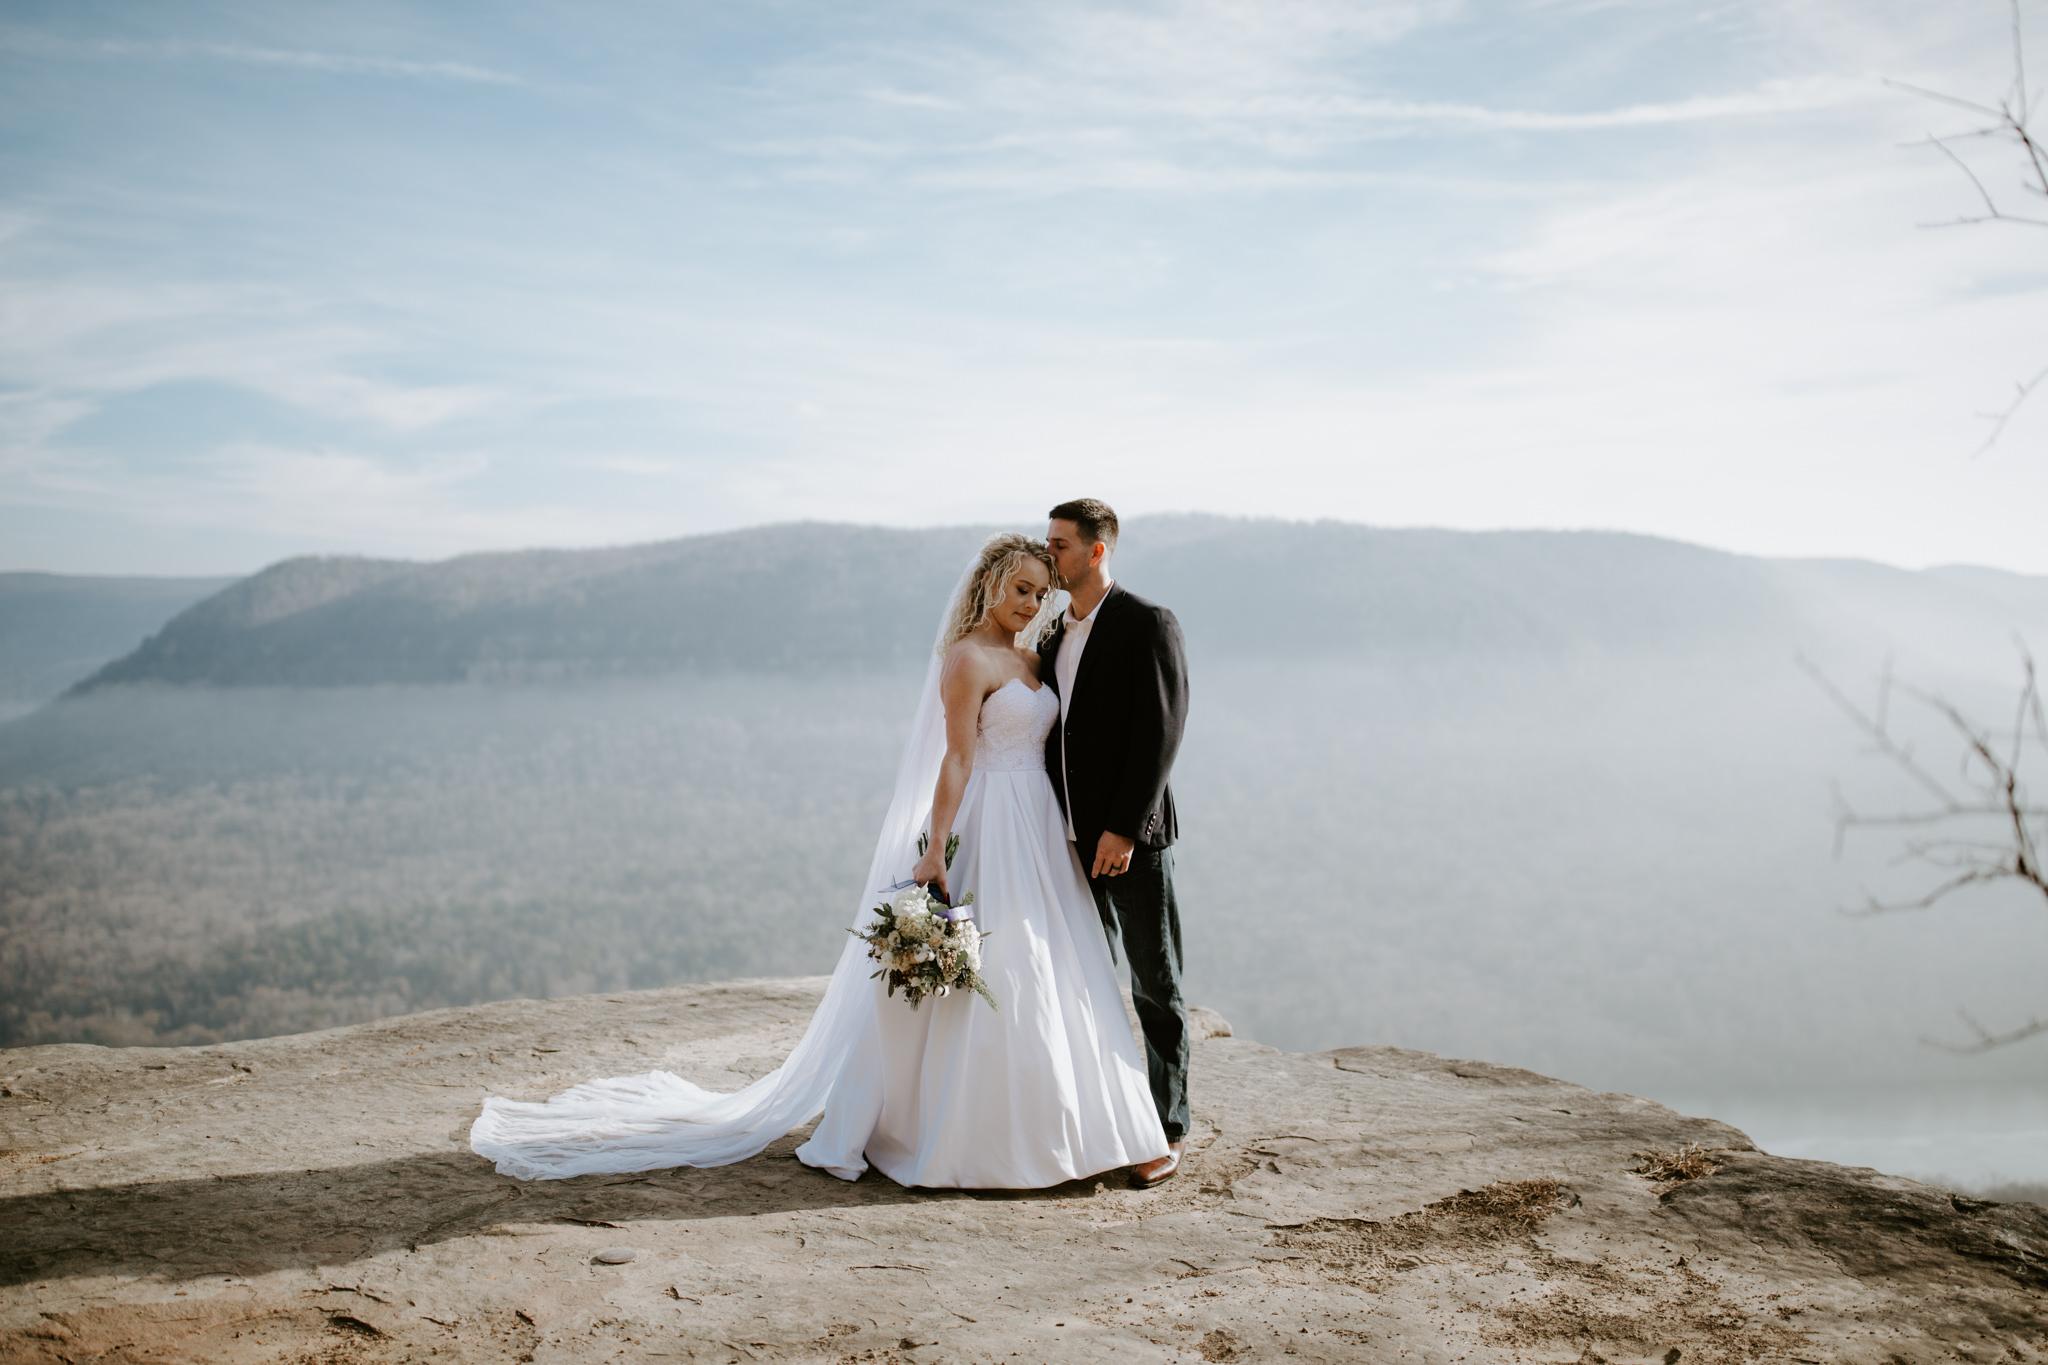 Lauren-and-Trent-Chattanooga-Nashville-Wedding-Elopement-Photographer-1.jpg